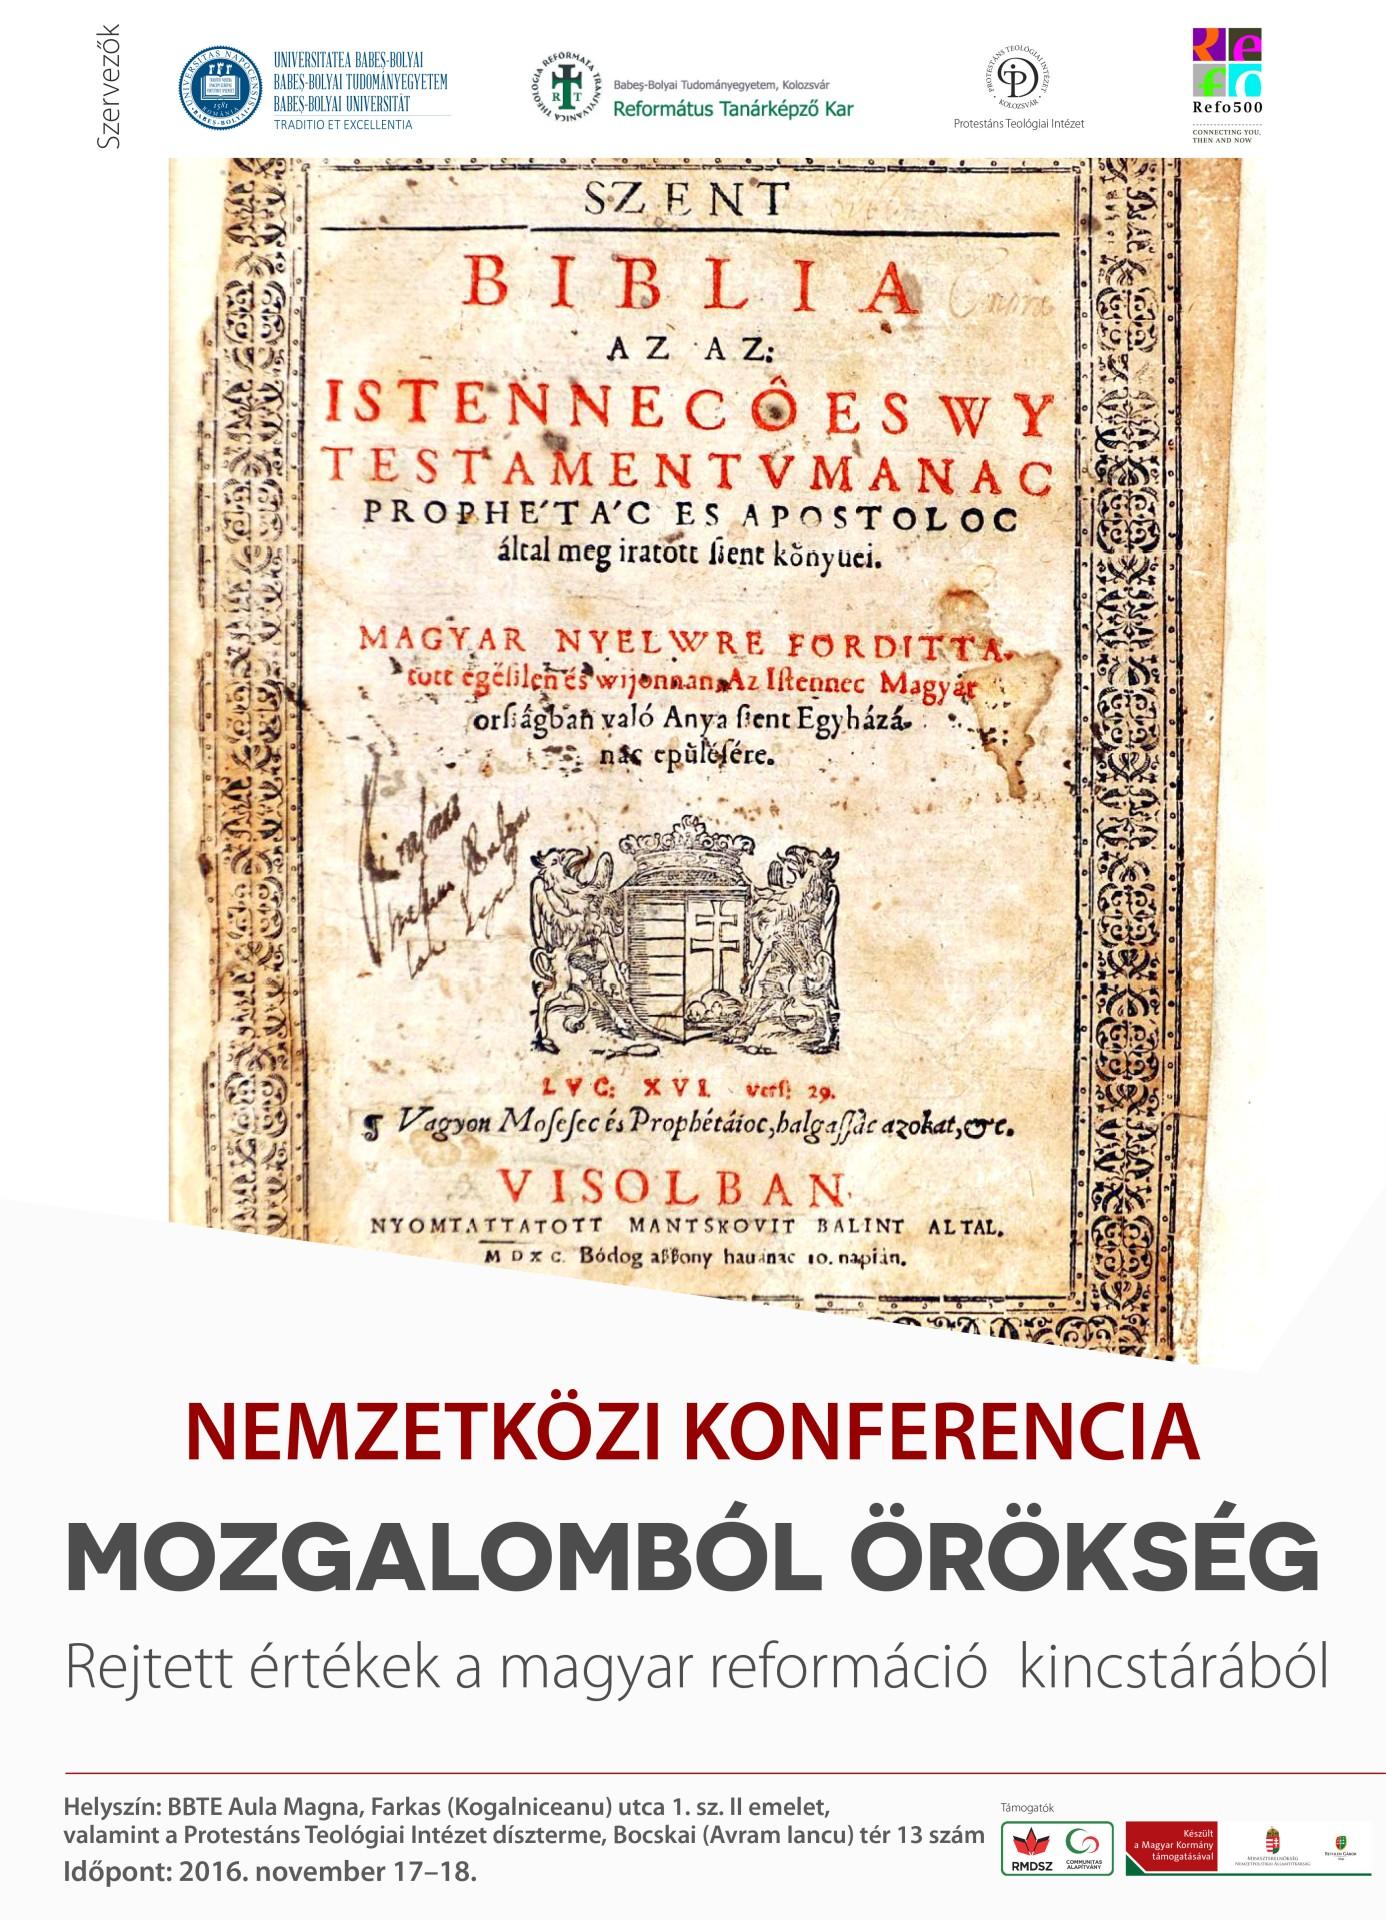 Mozgalomból örökség - nemzetközi konferencia Kolozsváron